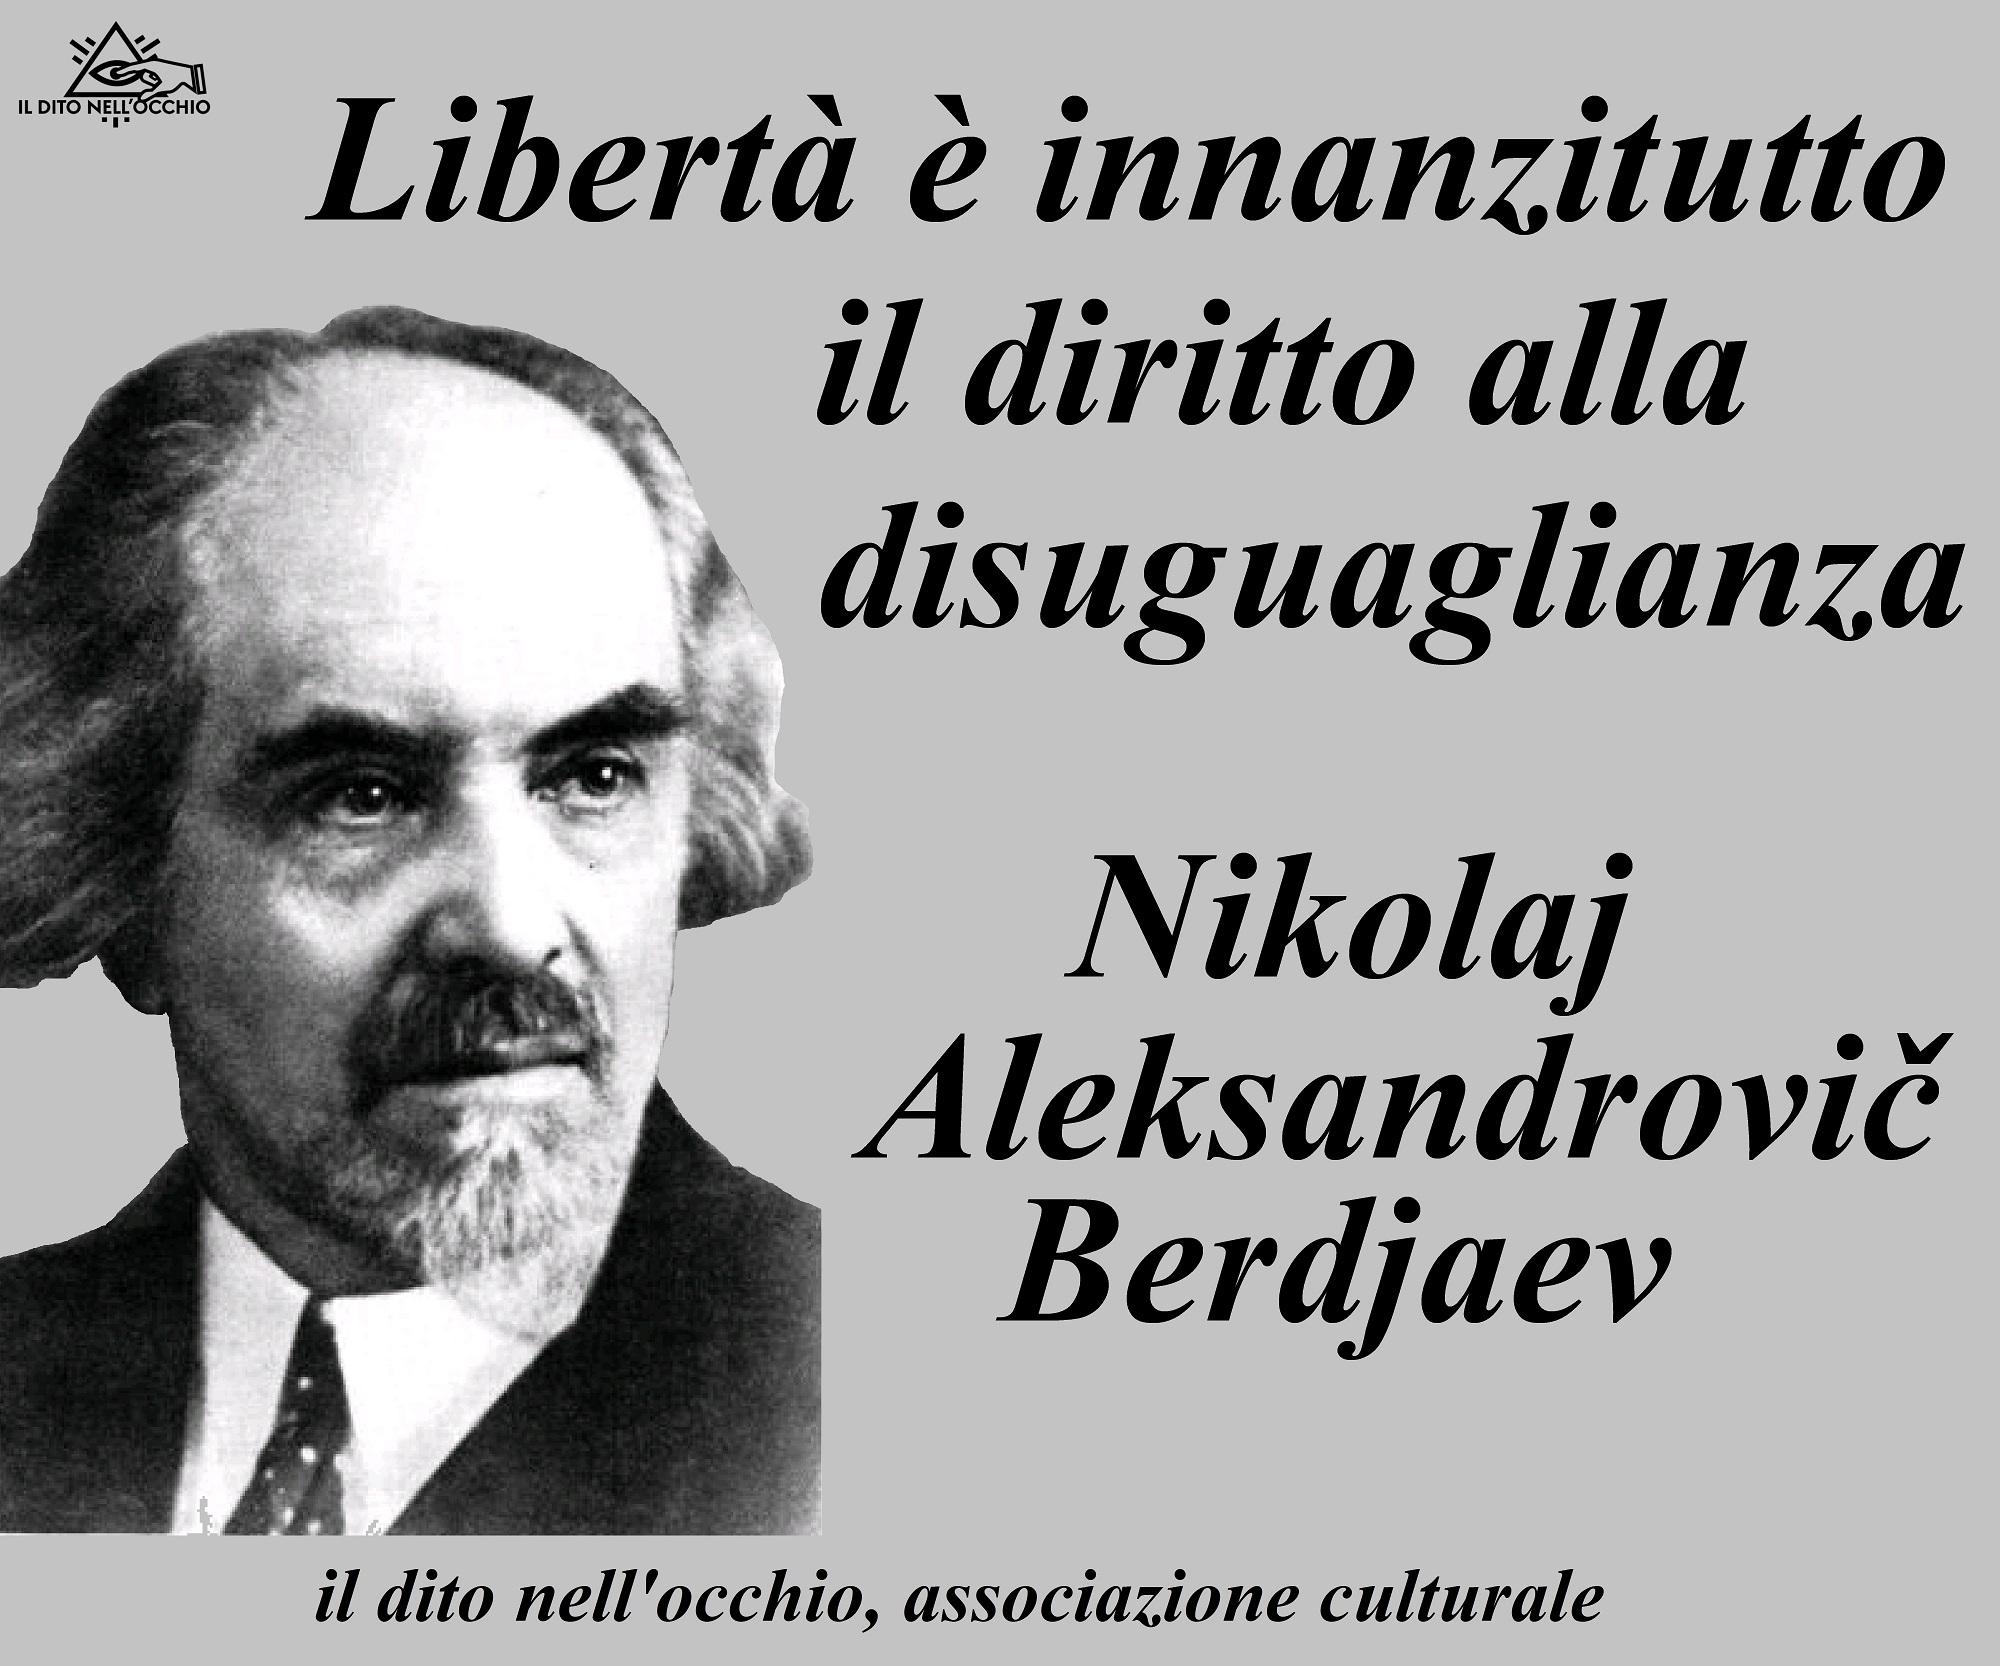 Nikolaj Aleksandrovič Berdjaev